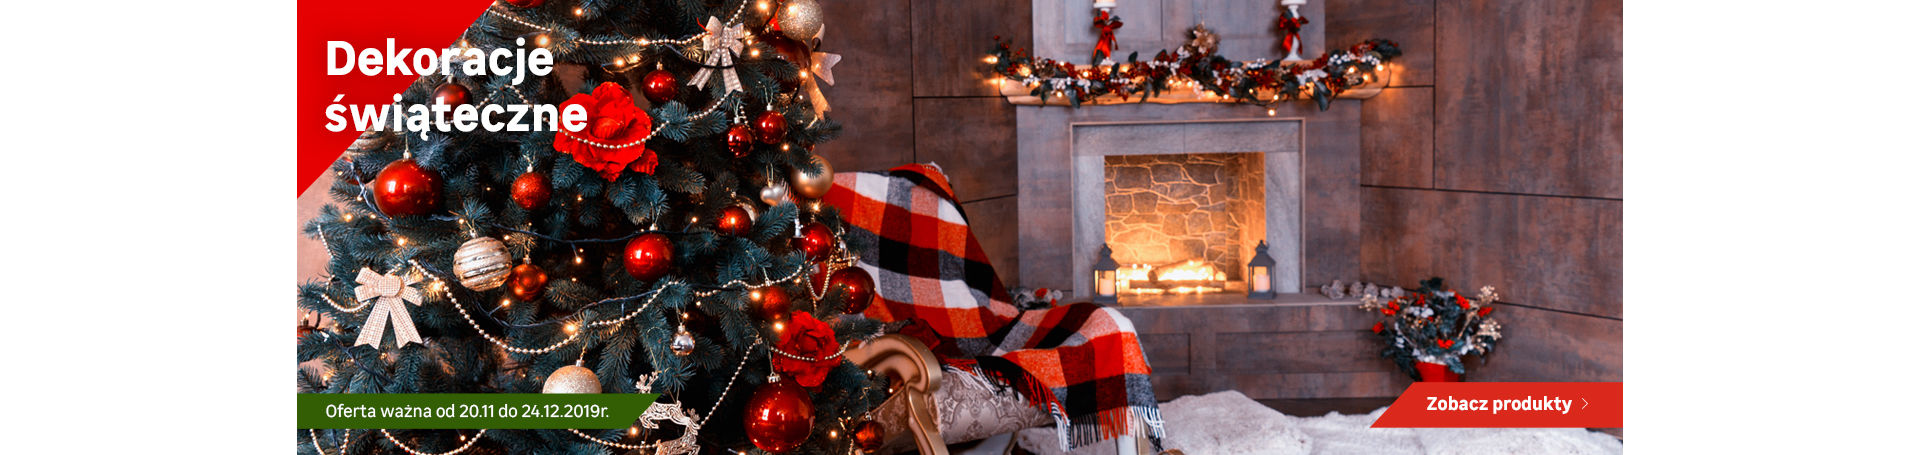 ps-dekoracje-swiateczne-20.11-24.12.2019-1323x455